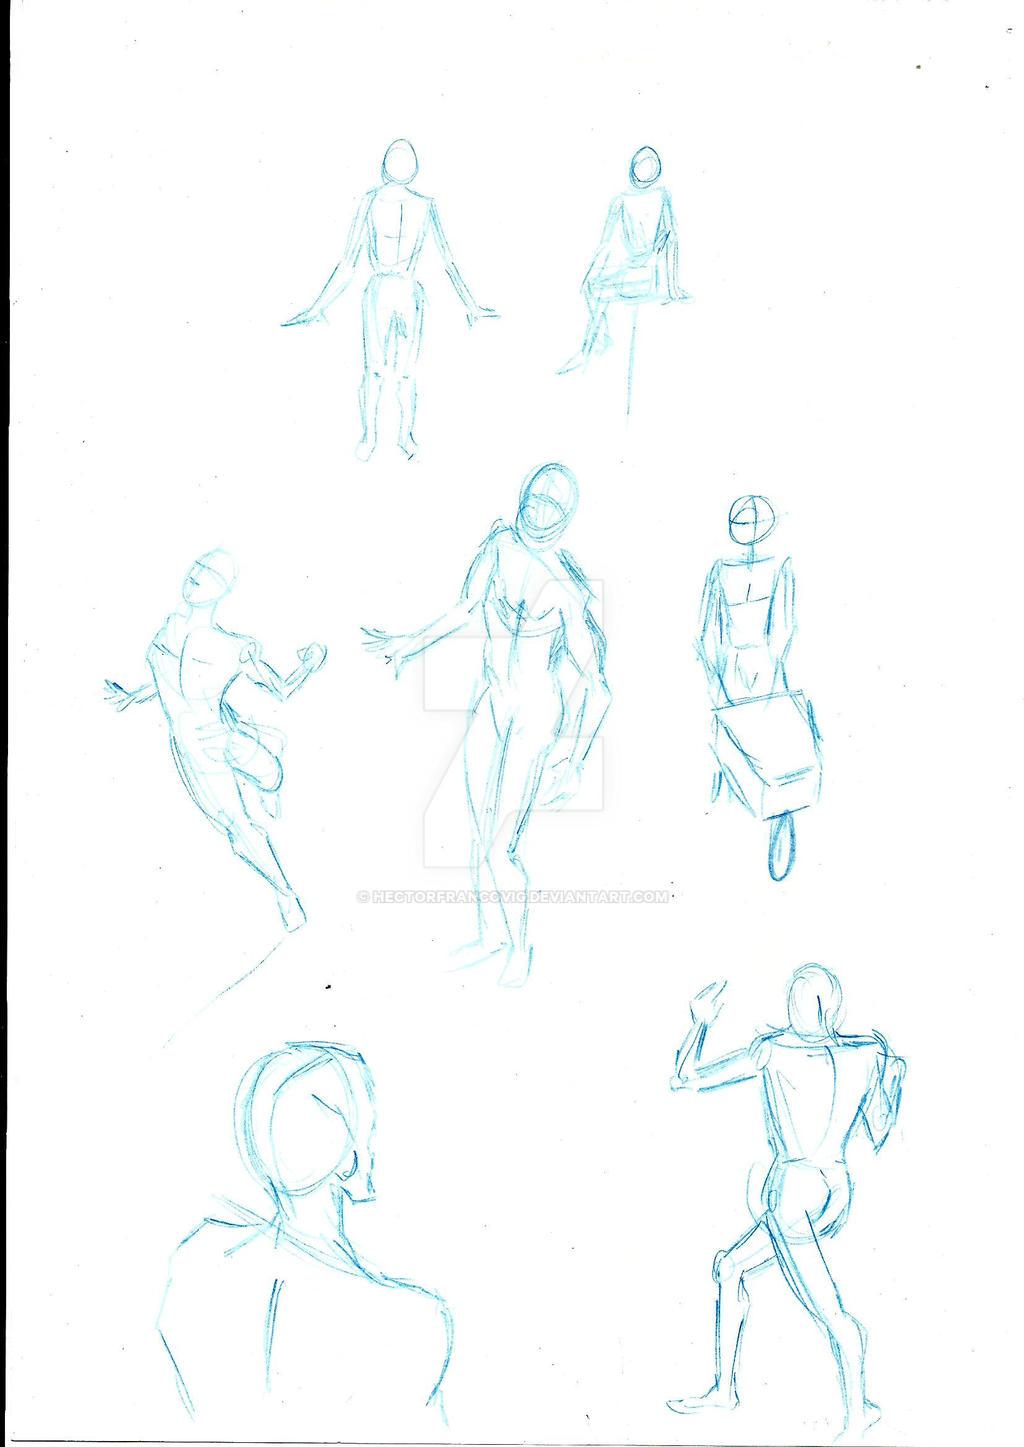 Bocetos varios 02 by HectorFrancovig